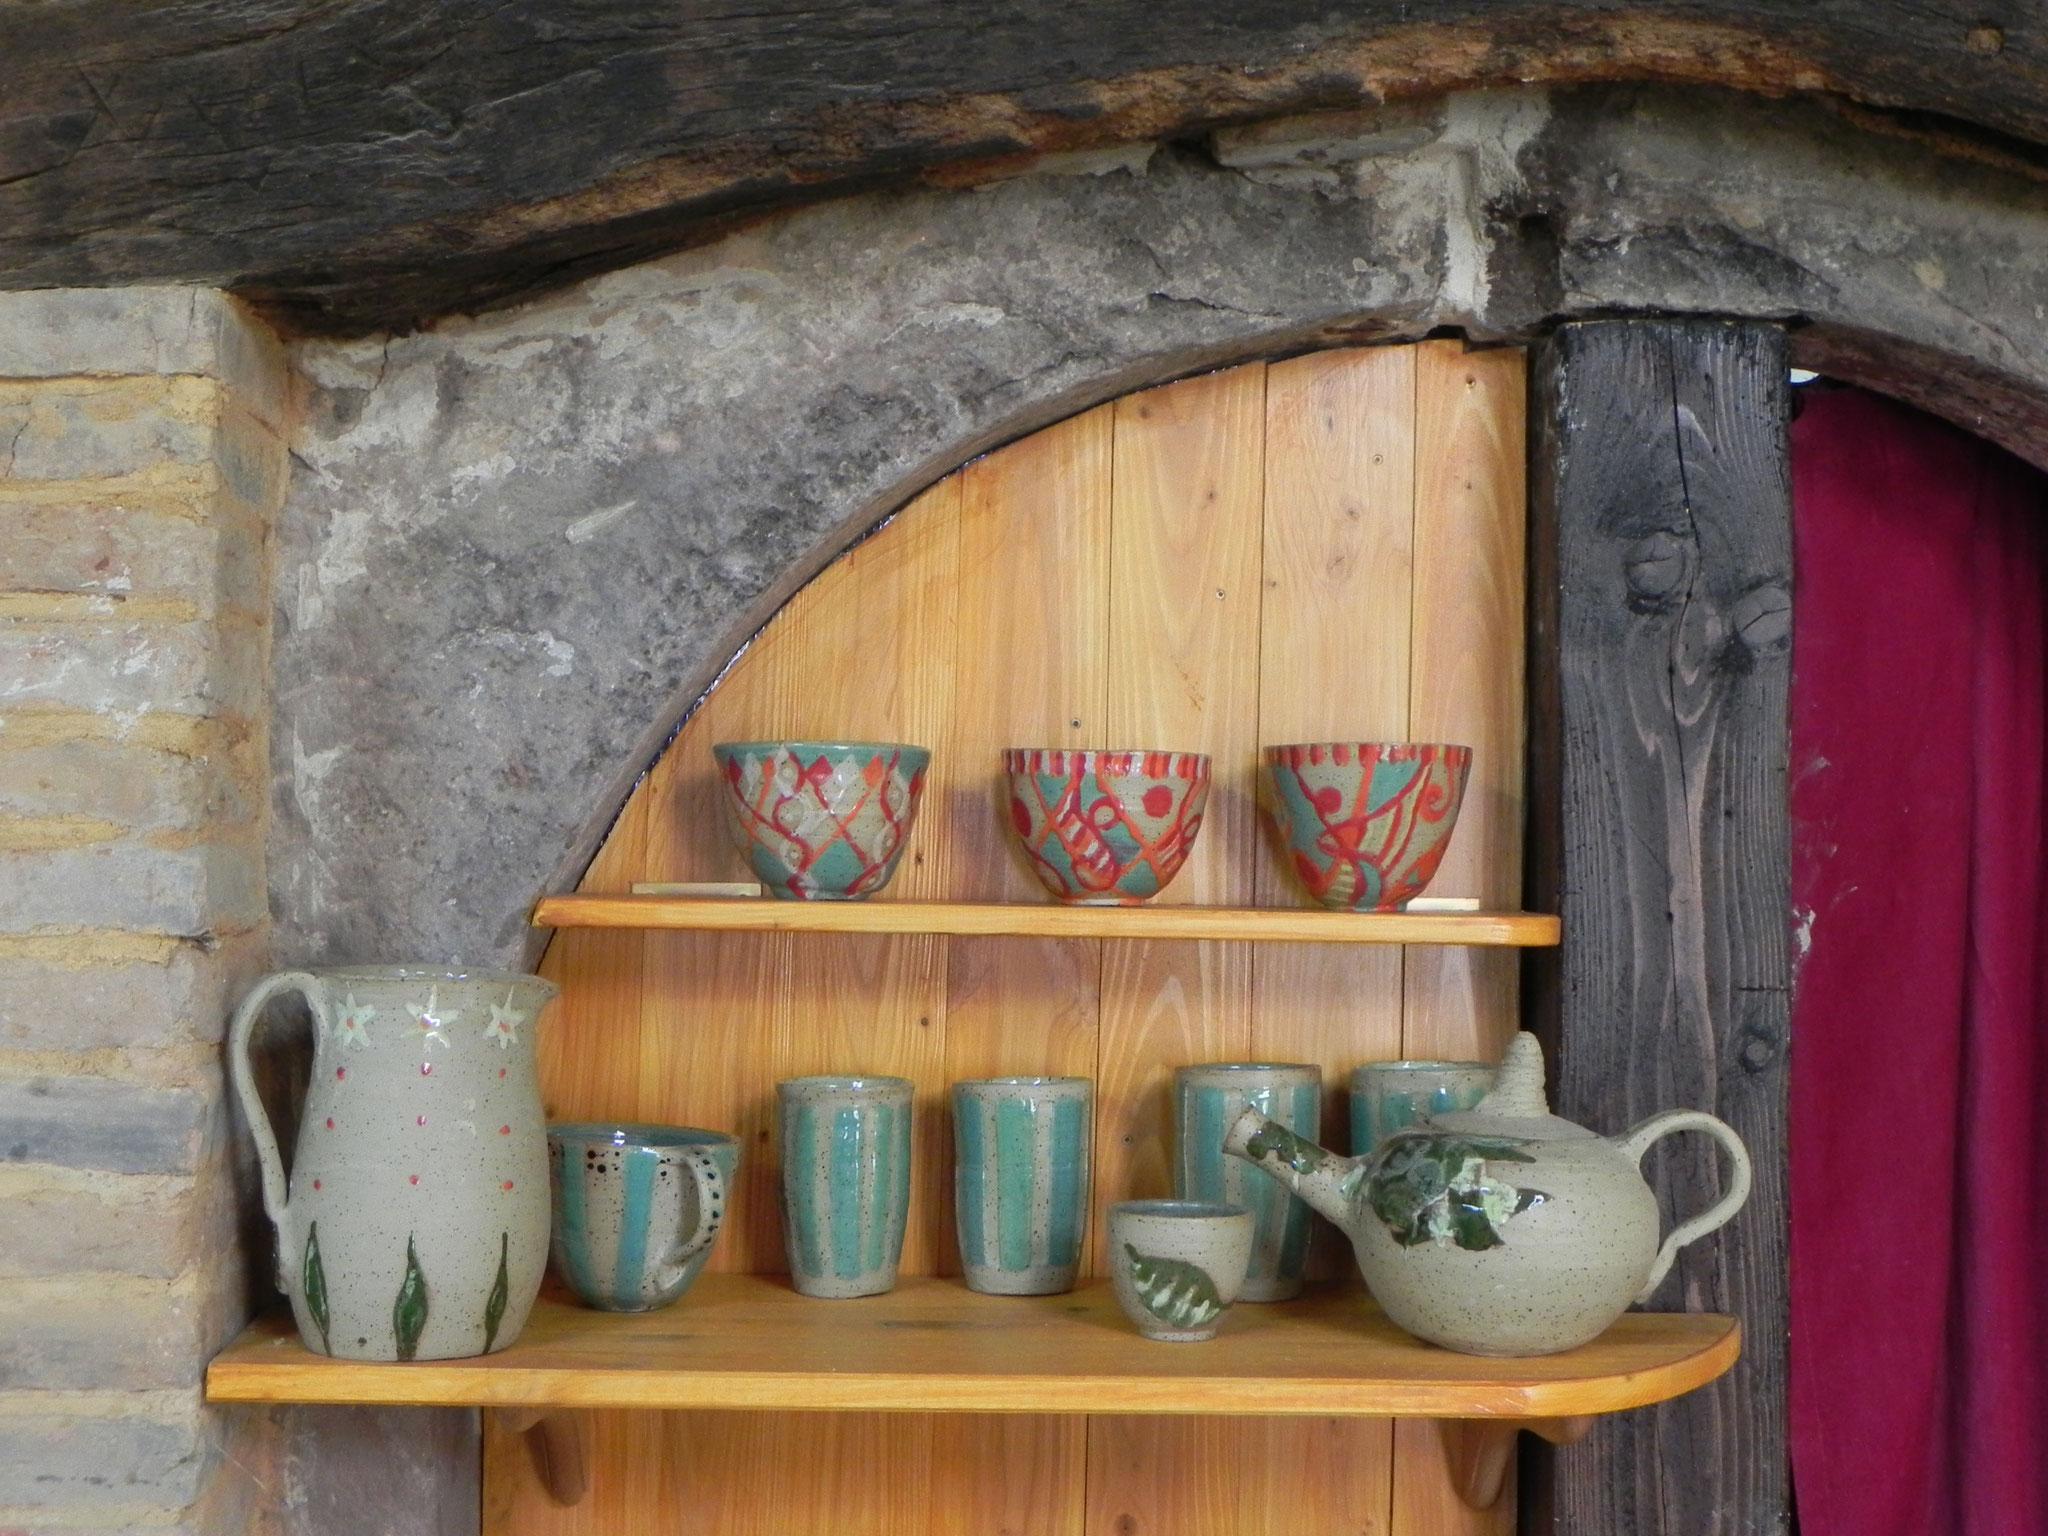 Teekanne, Krug, Kaffeeschalen, Bols, Teeschalen, Müslischalen, Becher